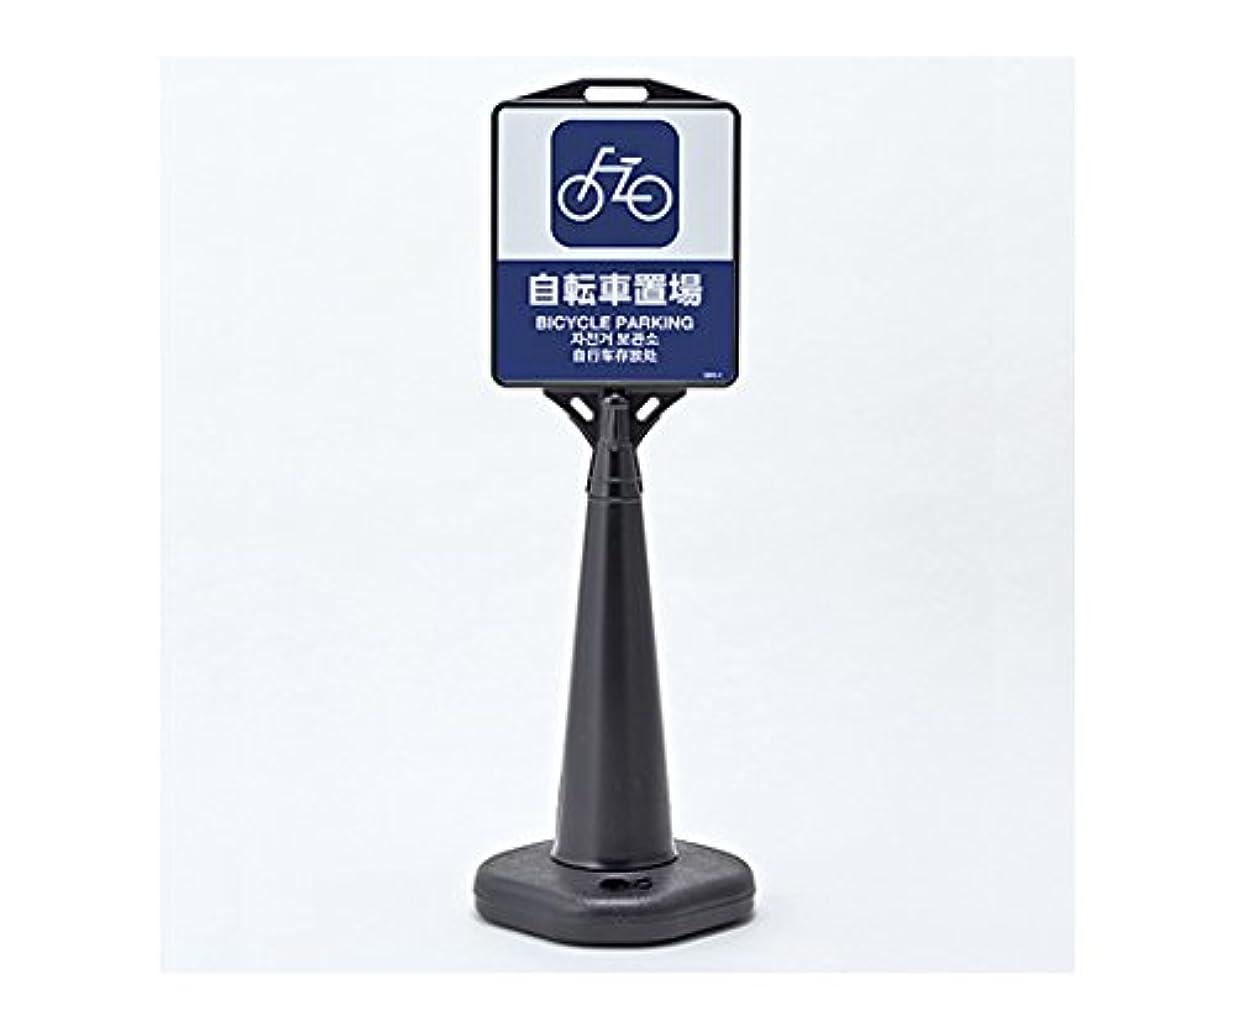 短くする悪性彼らのもの日本緑十字社 ガイドボードサイン 片面表示 自転車置場 ブラック 61-9937-10/GBS-4BKS